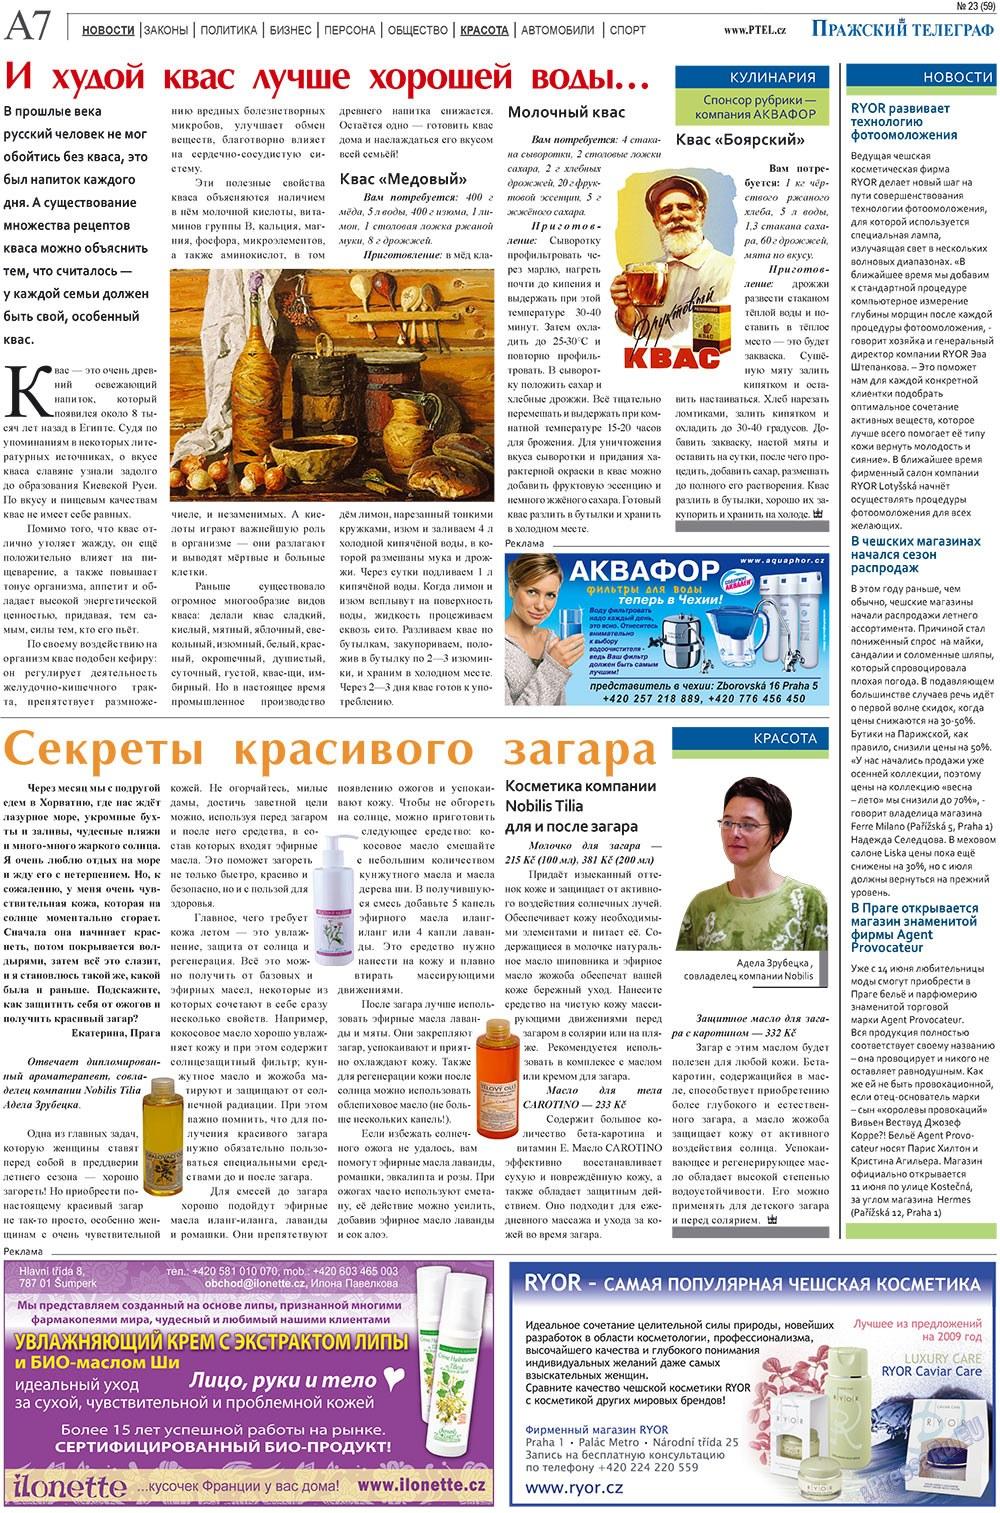 Пражский телеграф (газета). 2010 год, номер 23, стр. 7